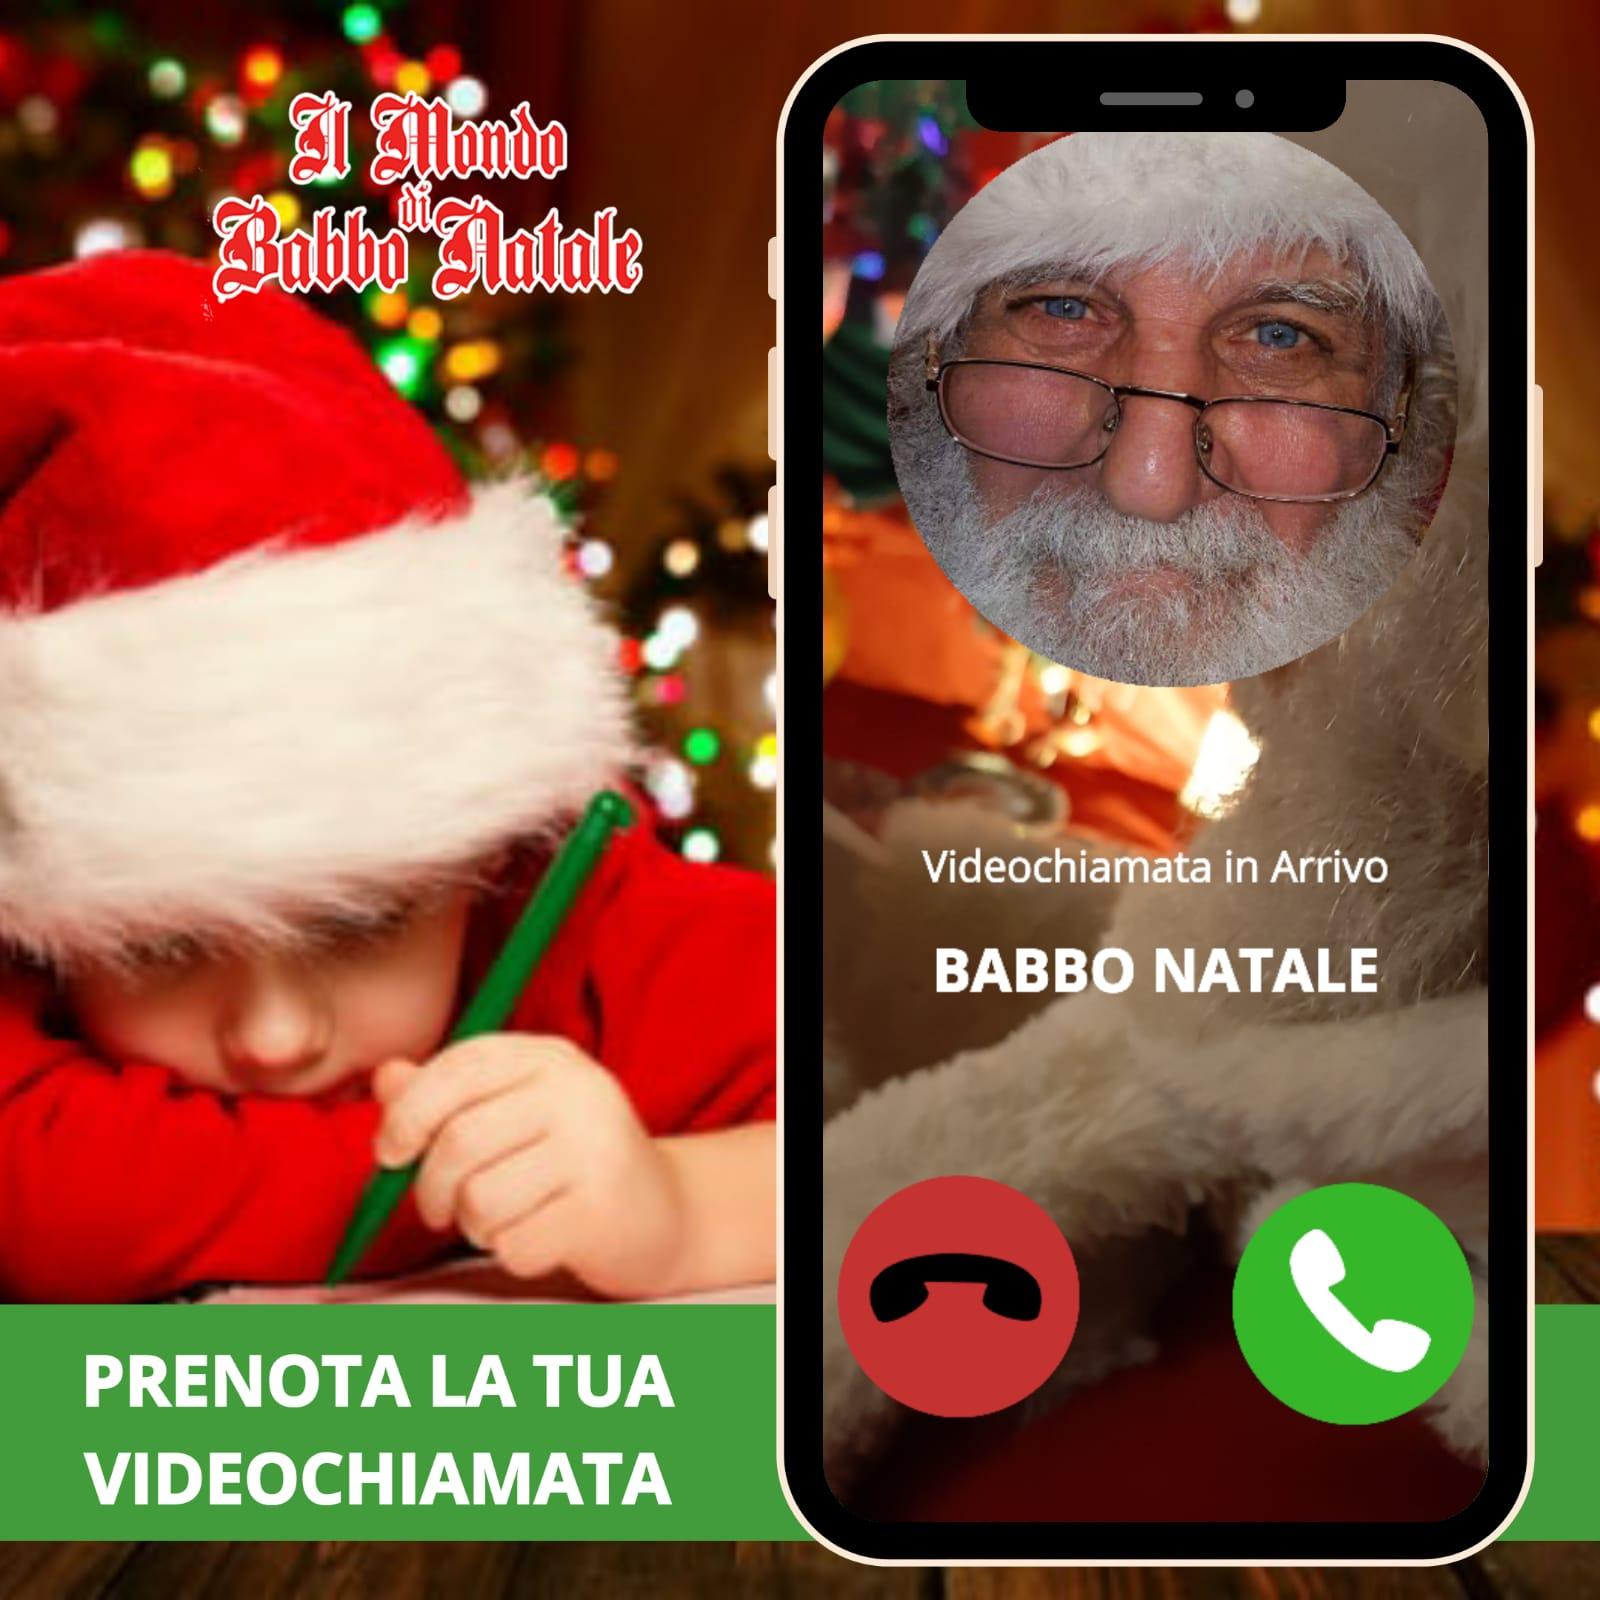 Il Babbo Natale.Videochiamata Con Babbo Natale Il Mondo Di Babbo Natale